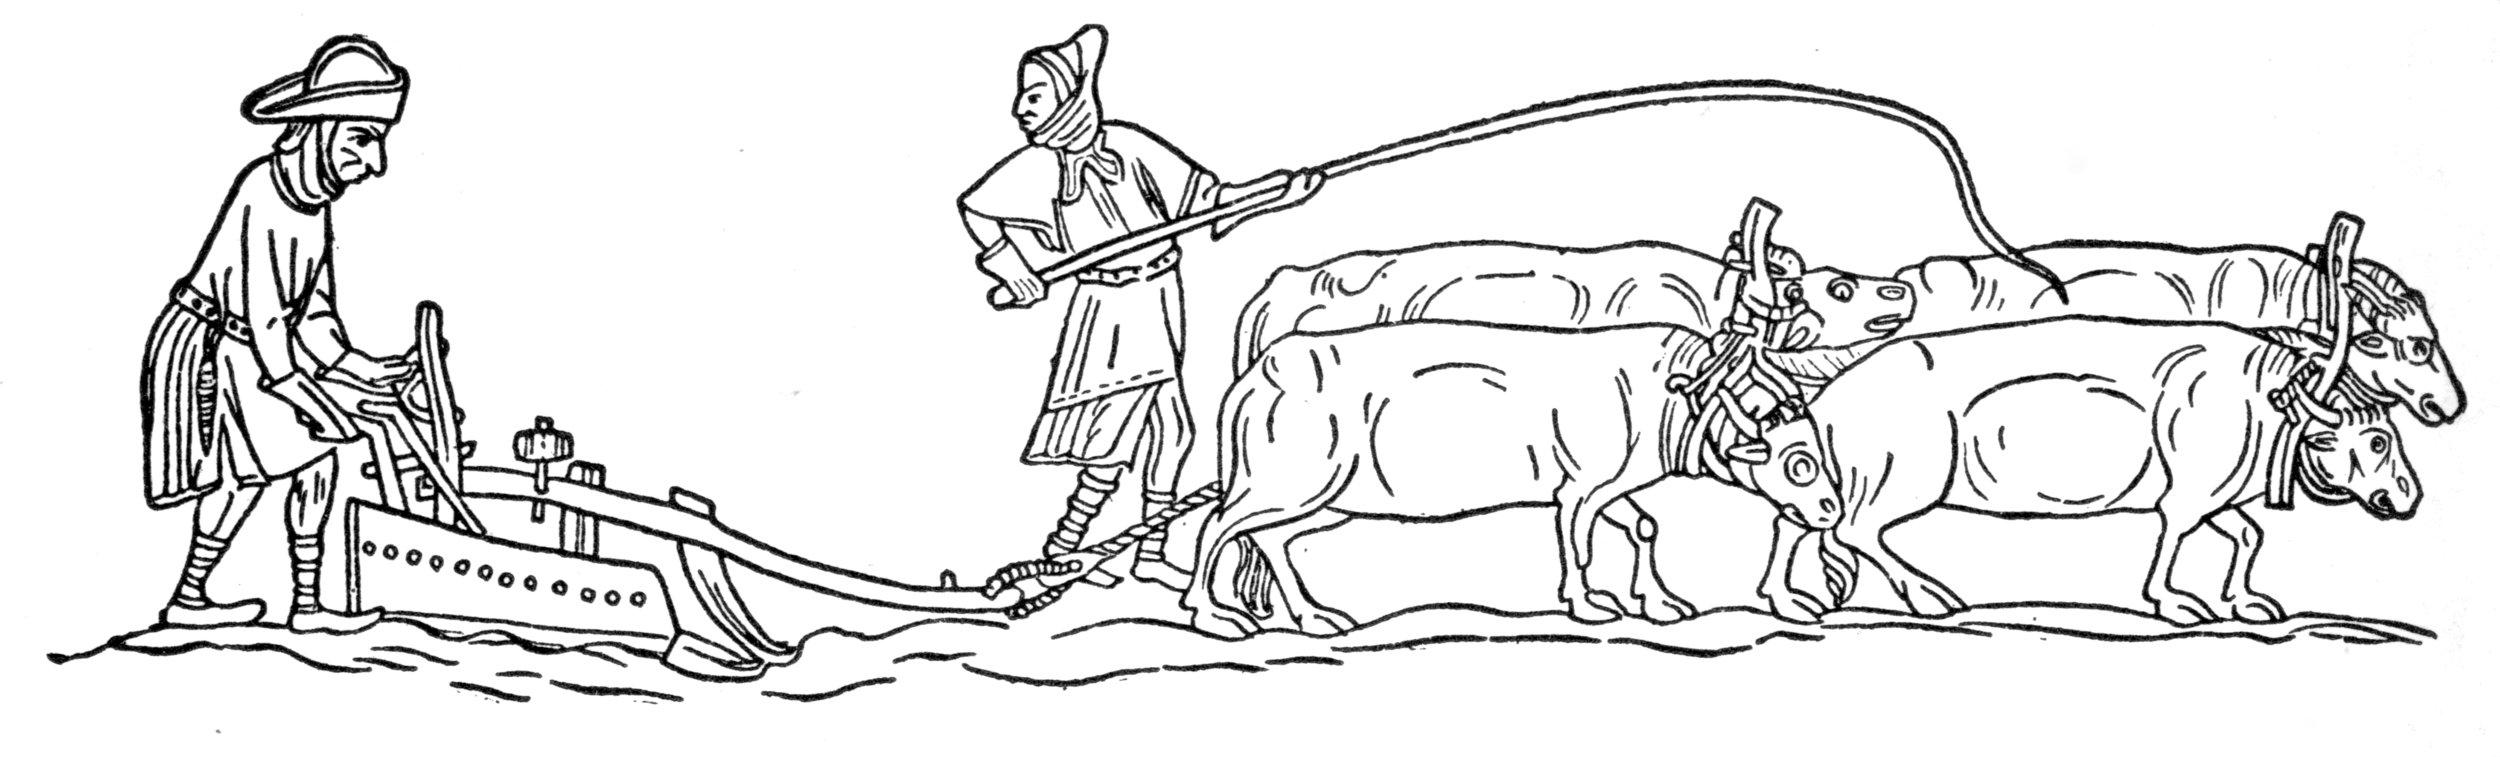 medieval plow.jpg